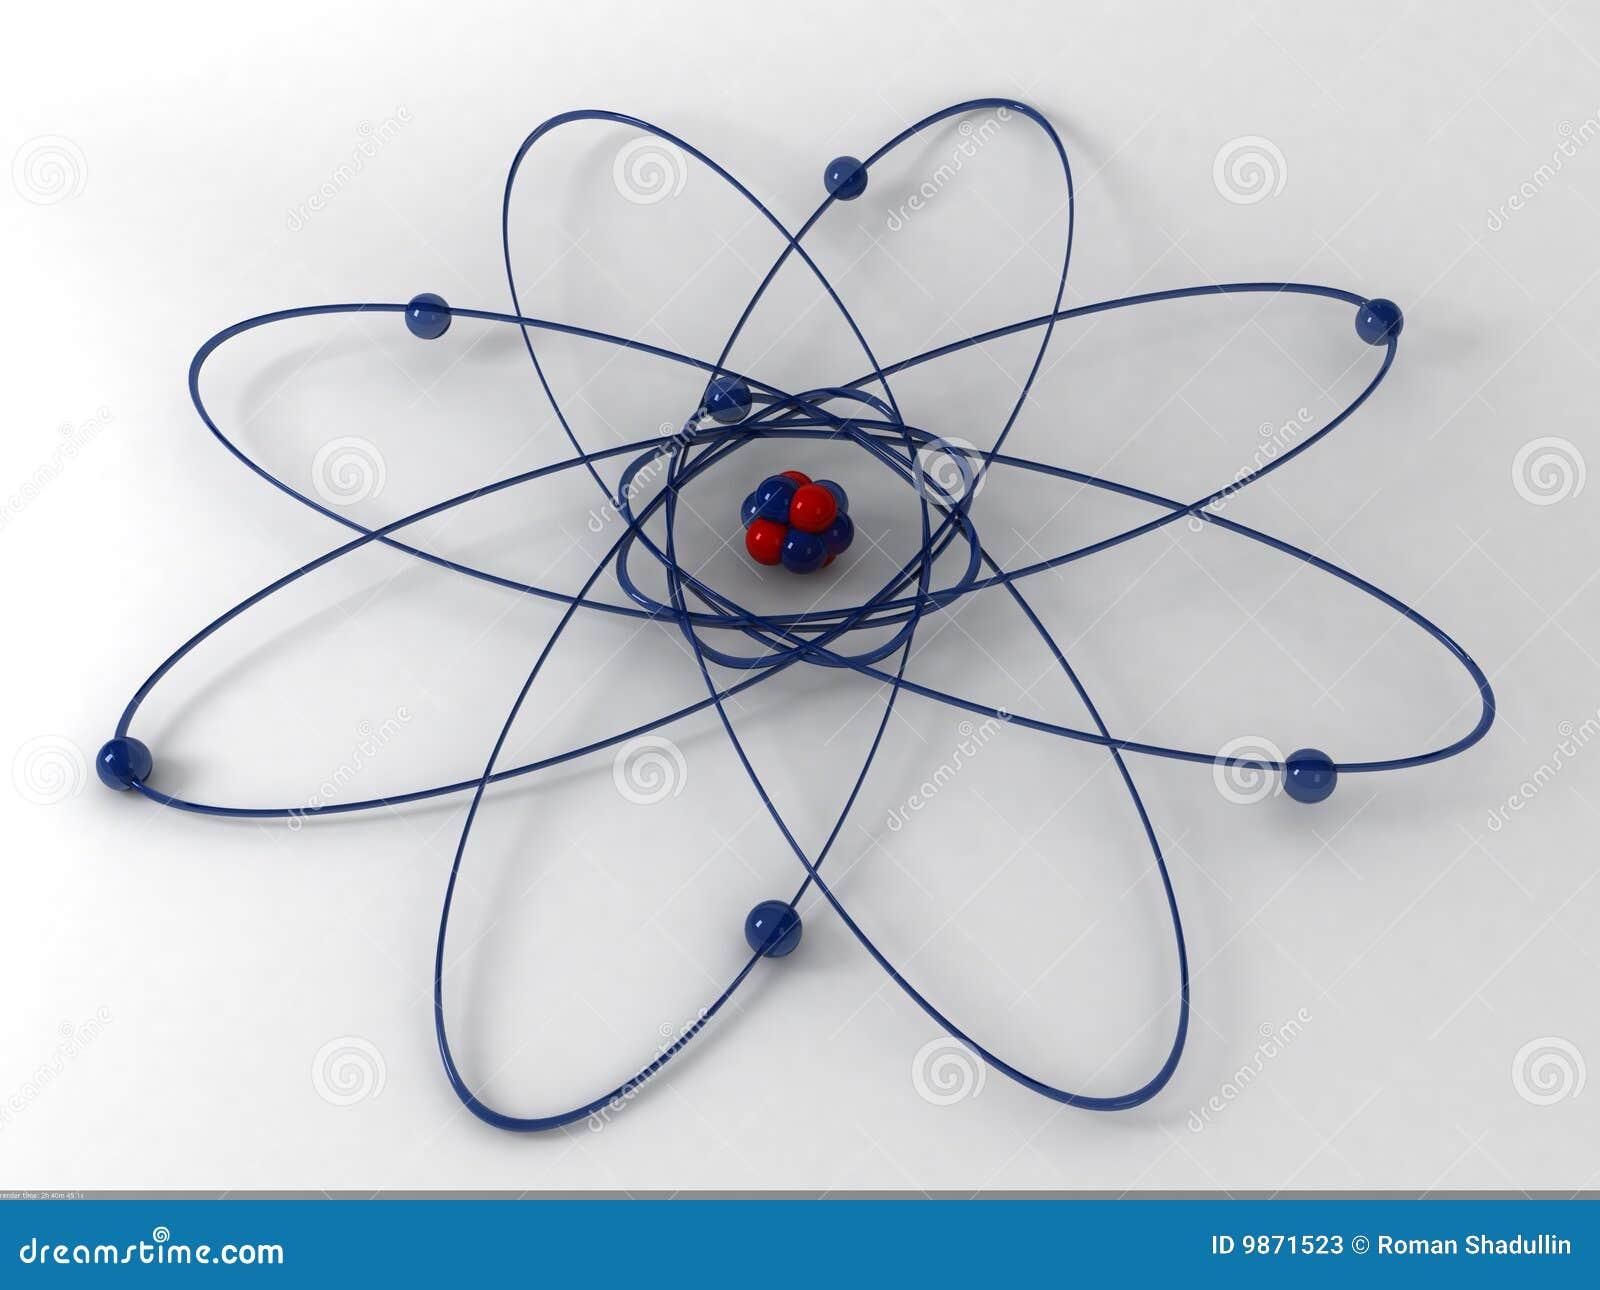 Download Molecule 3d stock illustration. Illustration of metal - 9871523